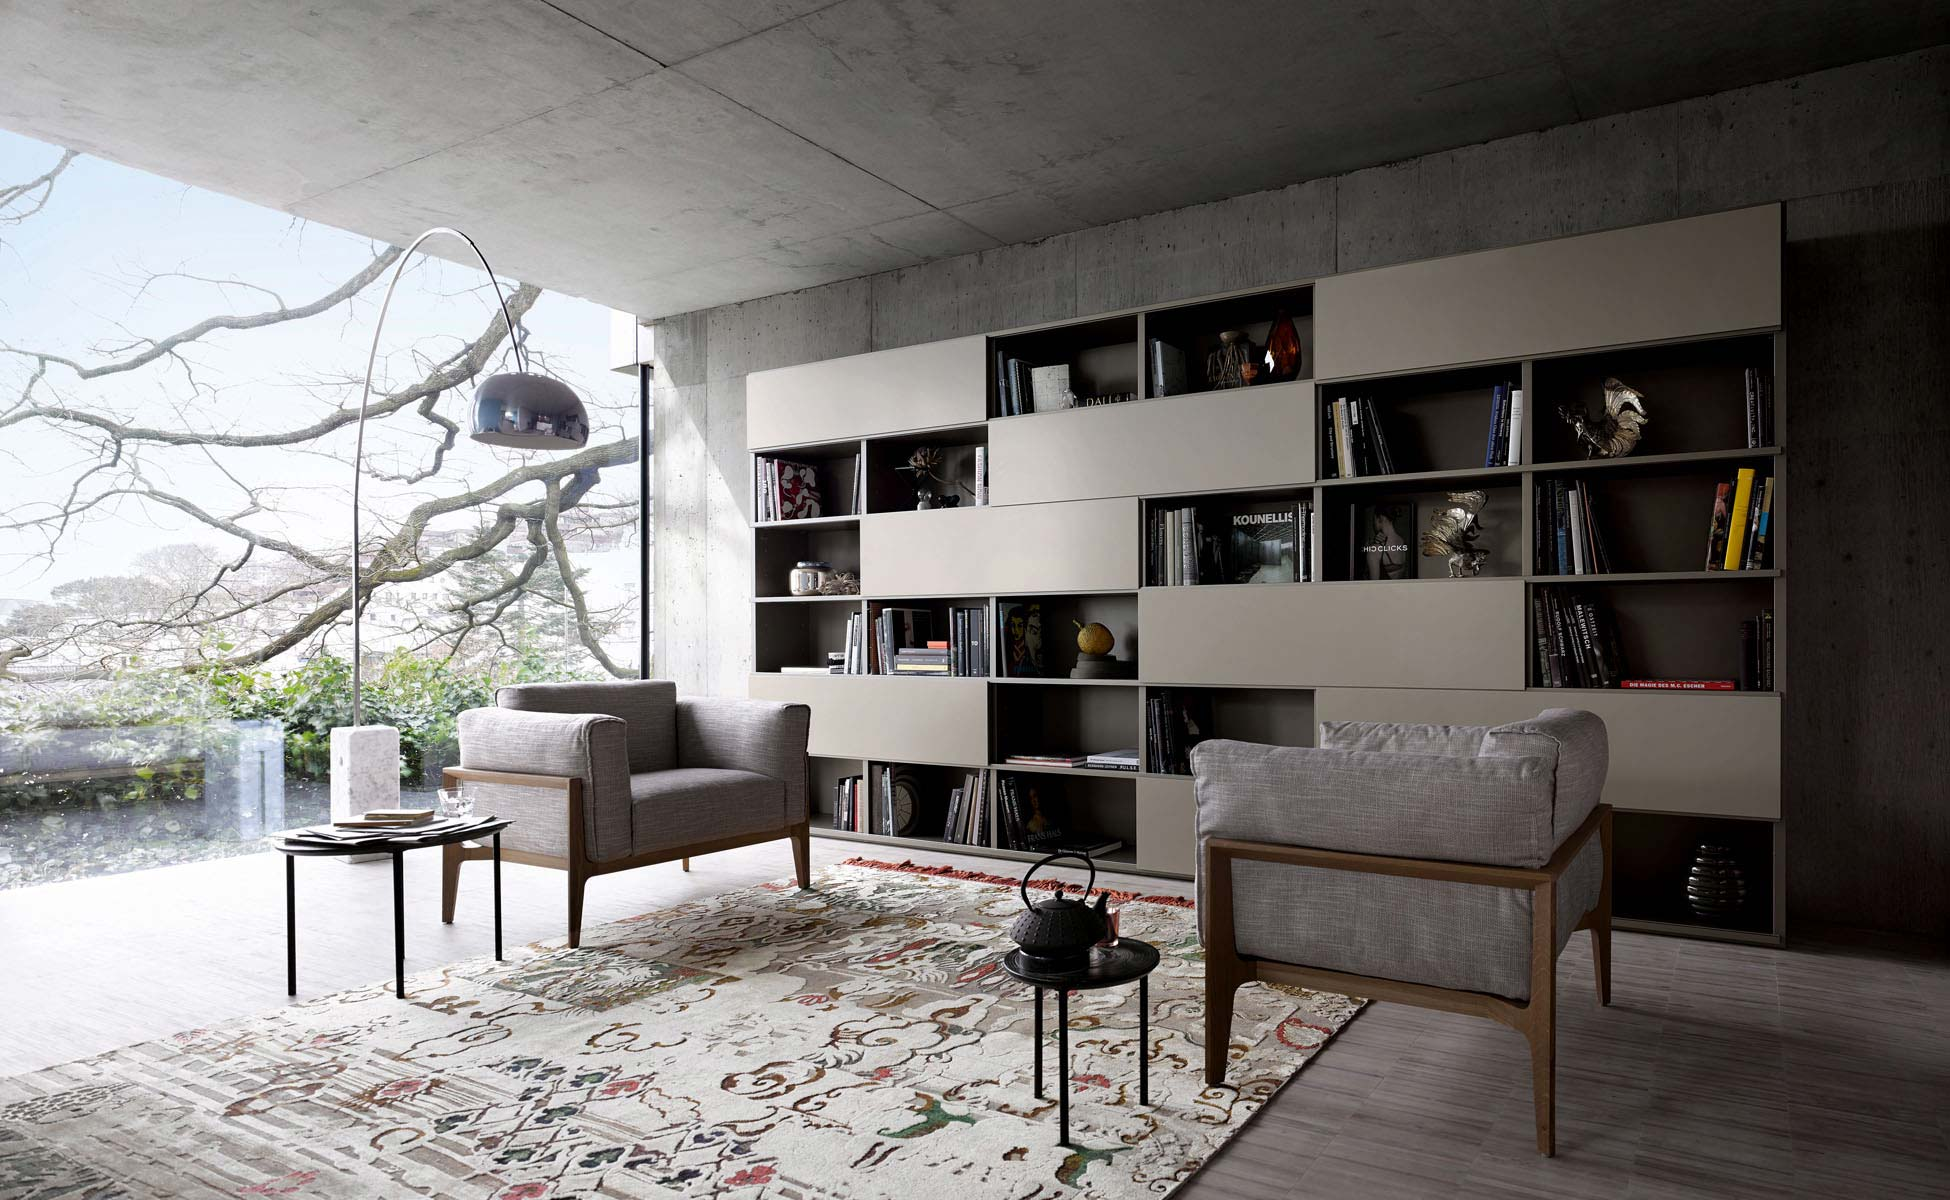 Interlübke Möbel Berlin - steidten+ einrichten mit ...